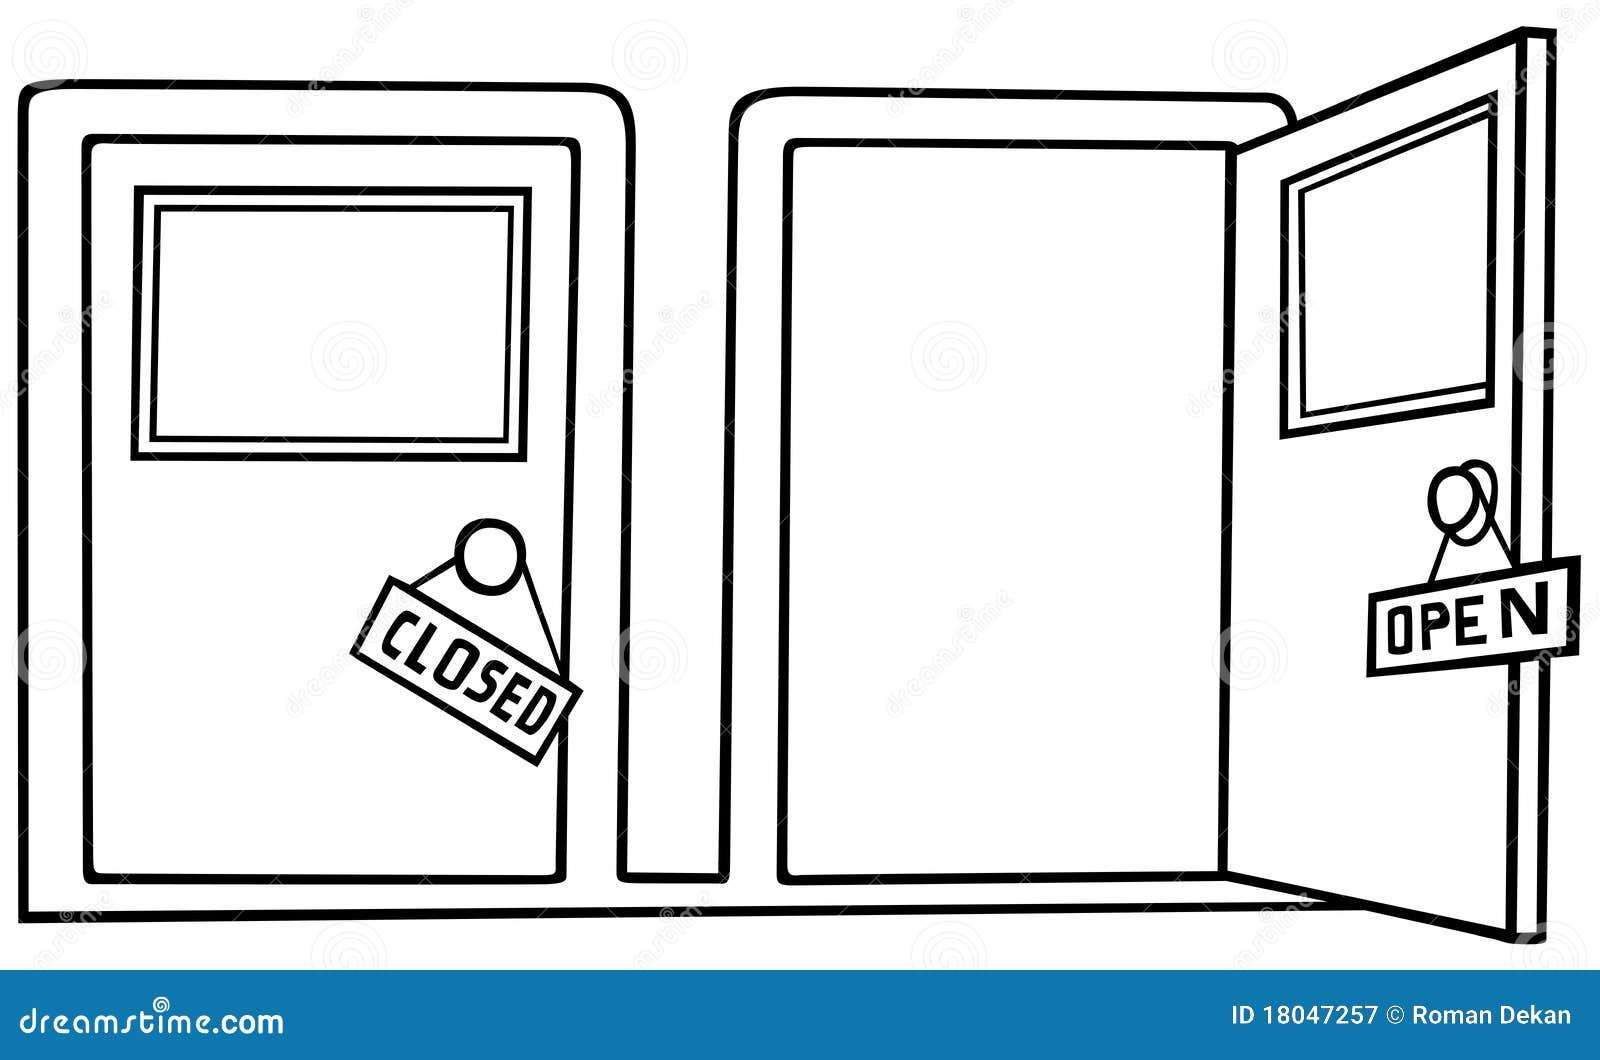 Open door images clip art door open and close black